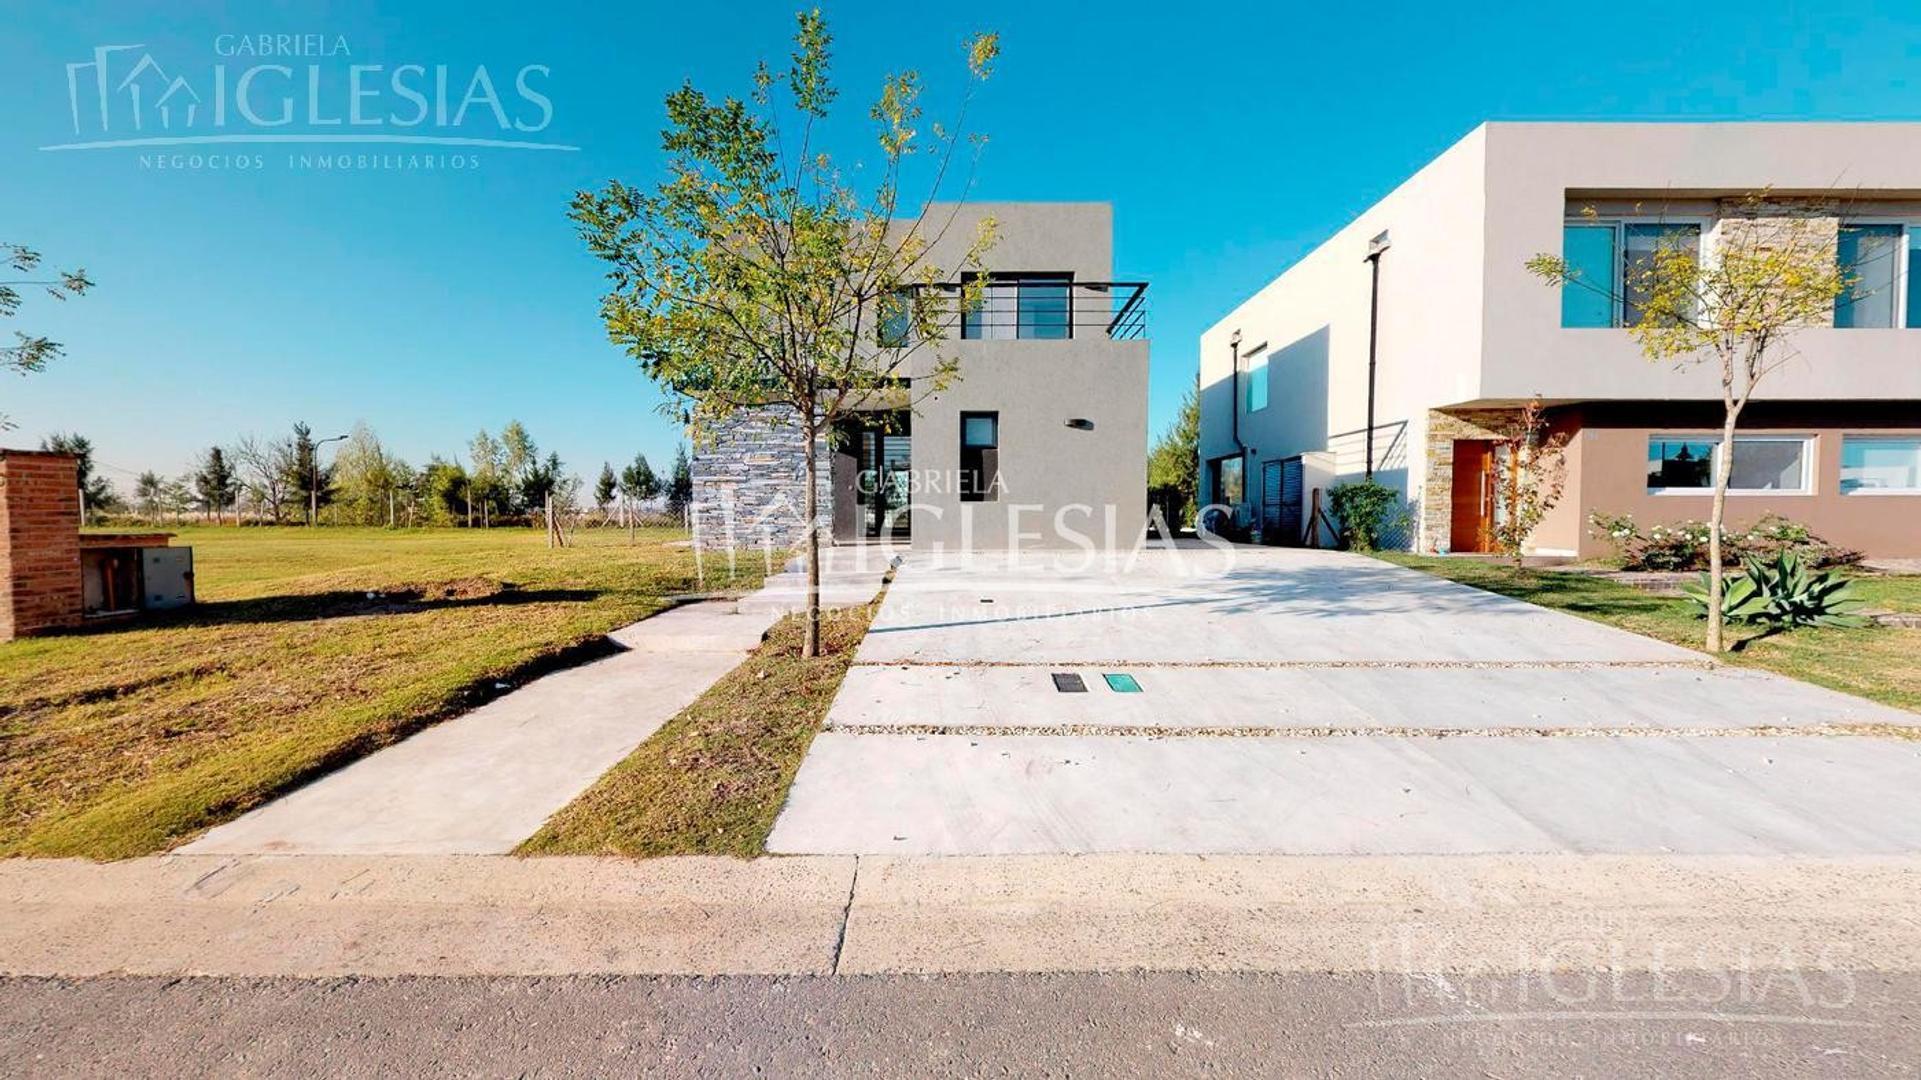 Casa en Venta en Otros barrios de Nordelta - 5 ambientes